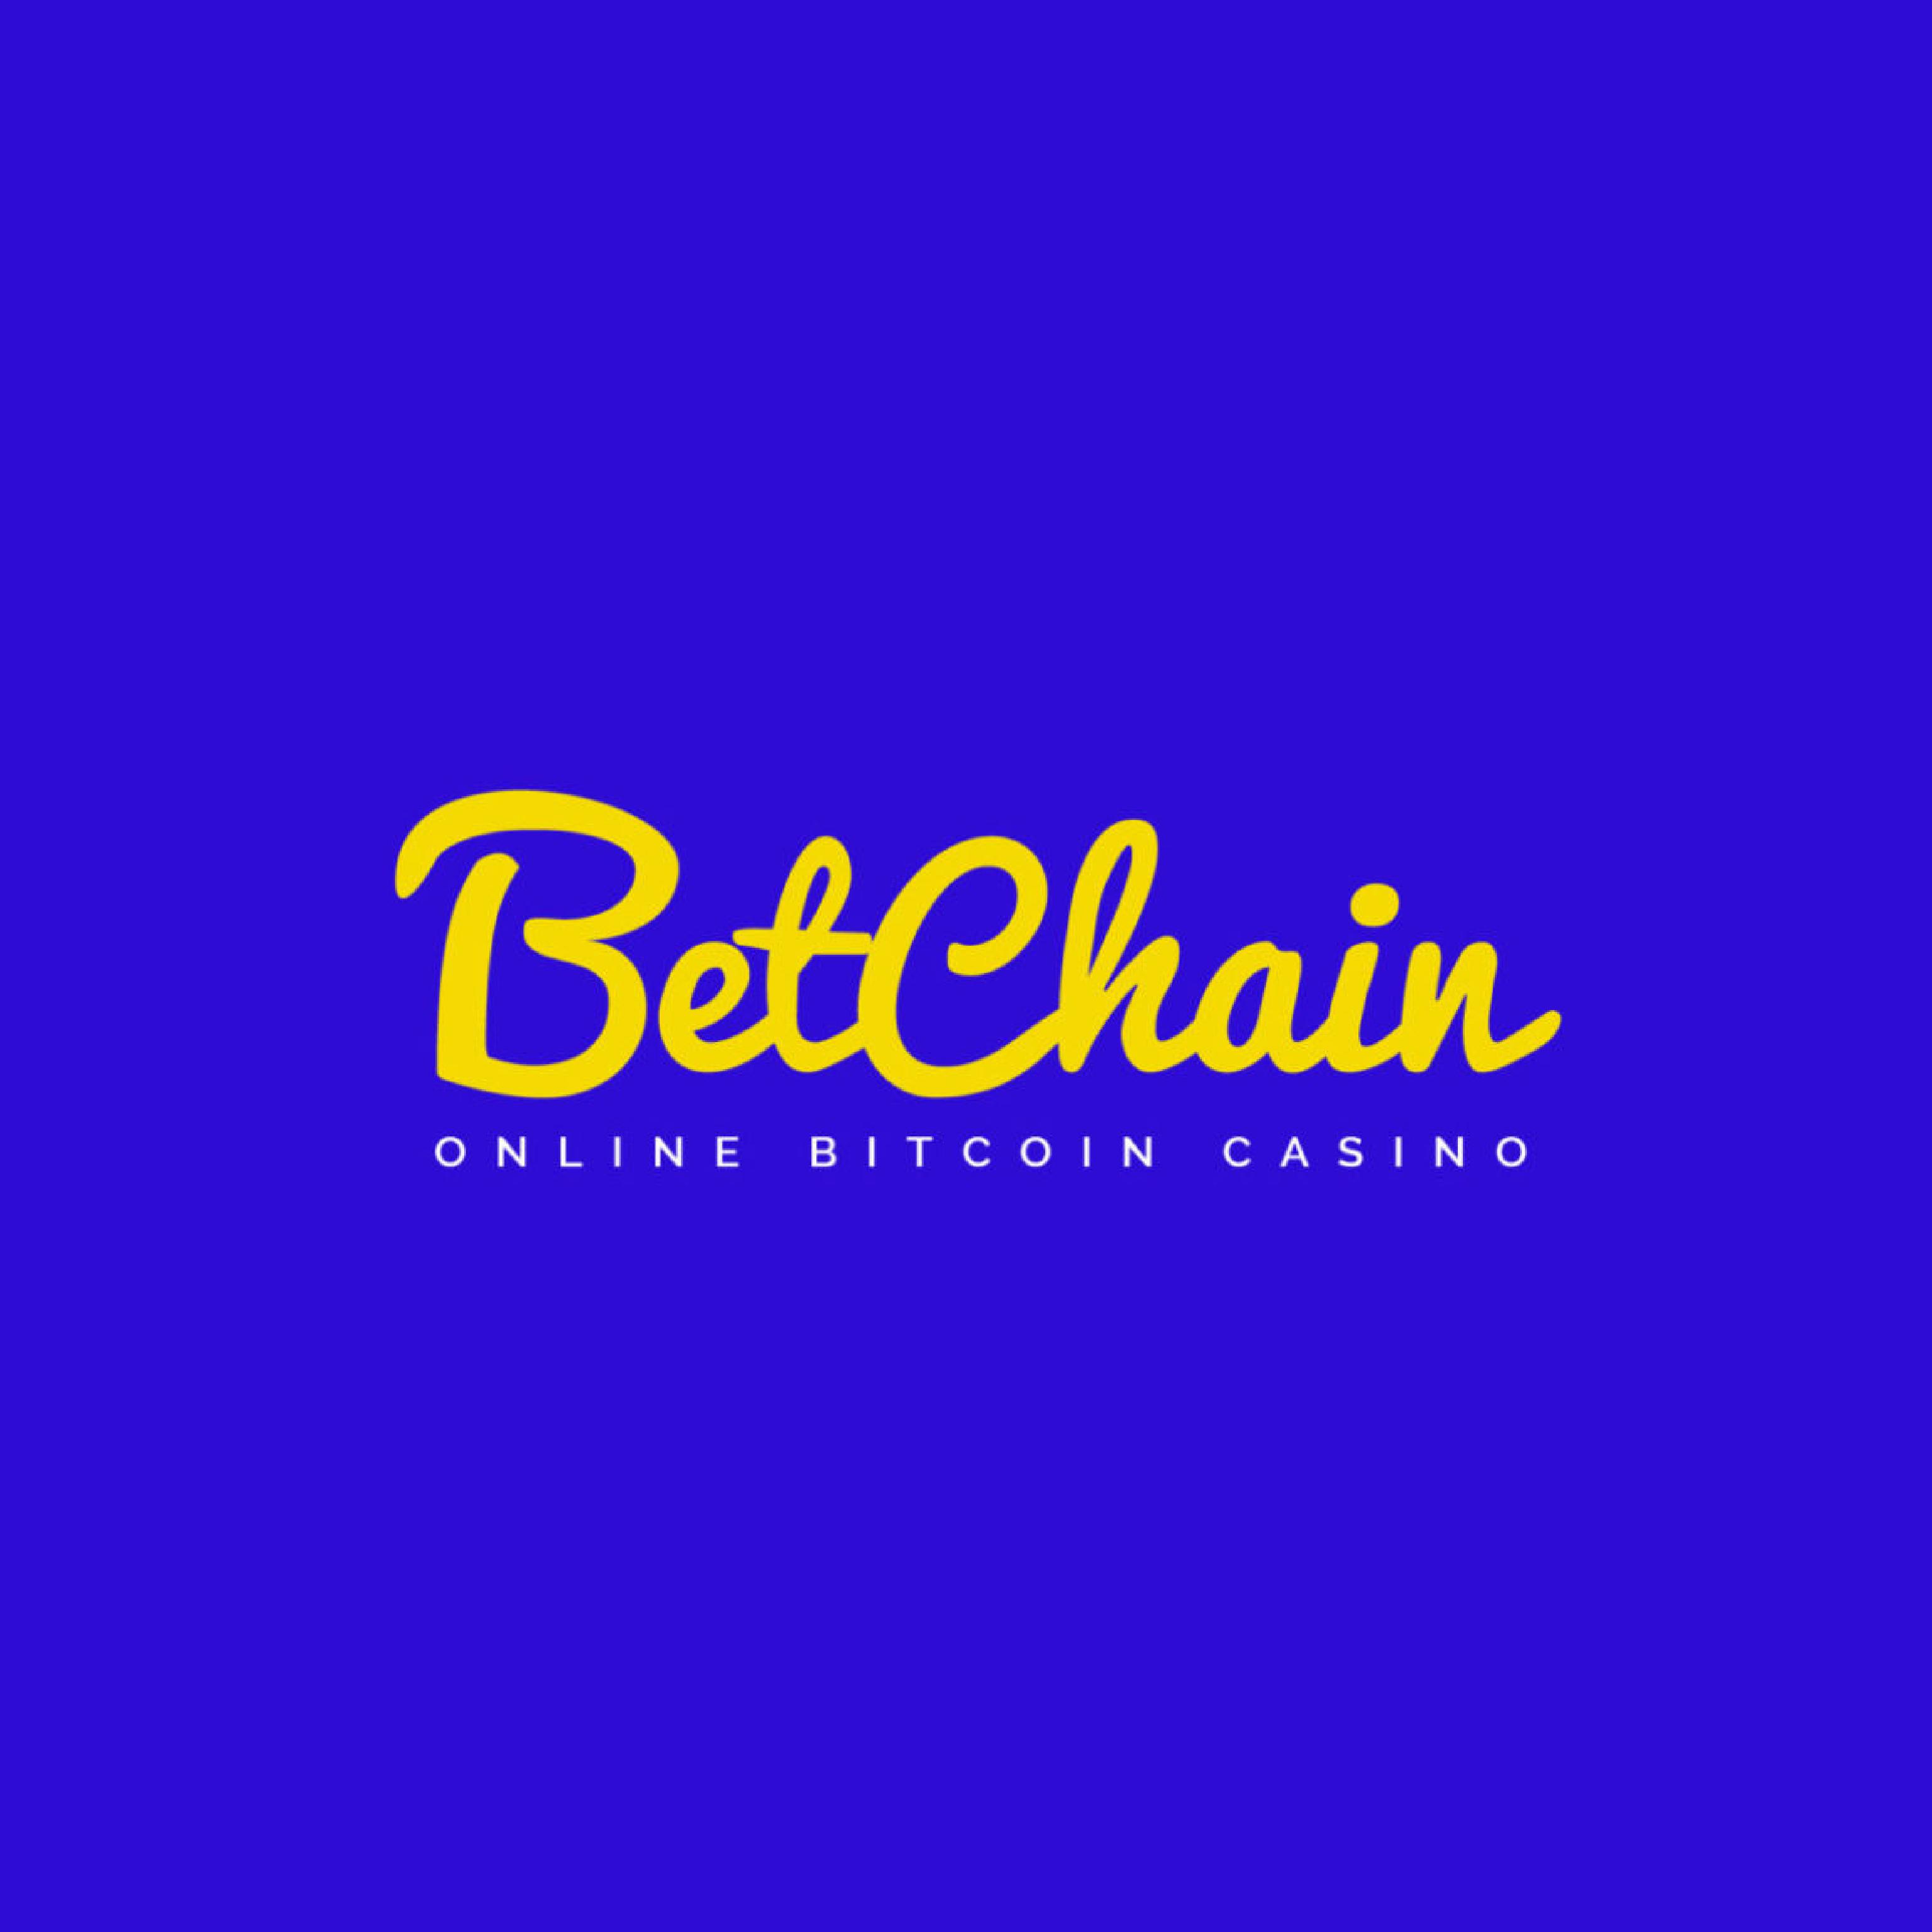 Permainan kasino bitcoin dalam talian di mana anda boleh memenangi wang sebenar